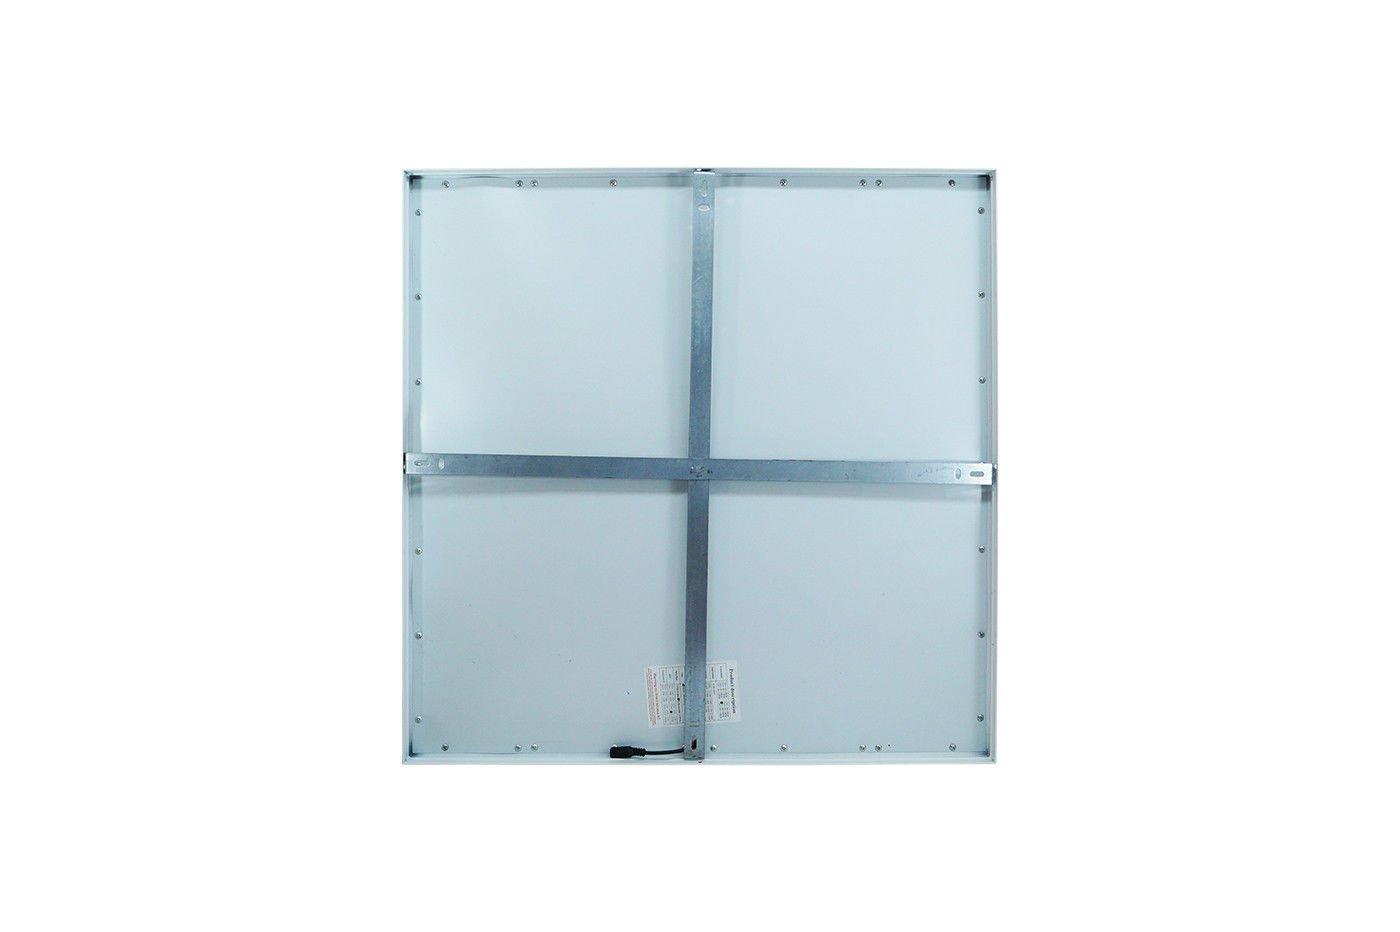 Plafoniera Quadrata 40x40 : Pannello led watt plafoniere luce fredda lampada cornice